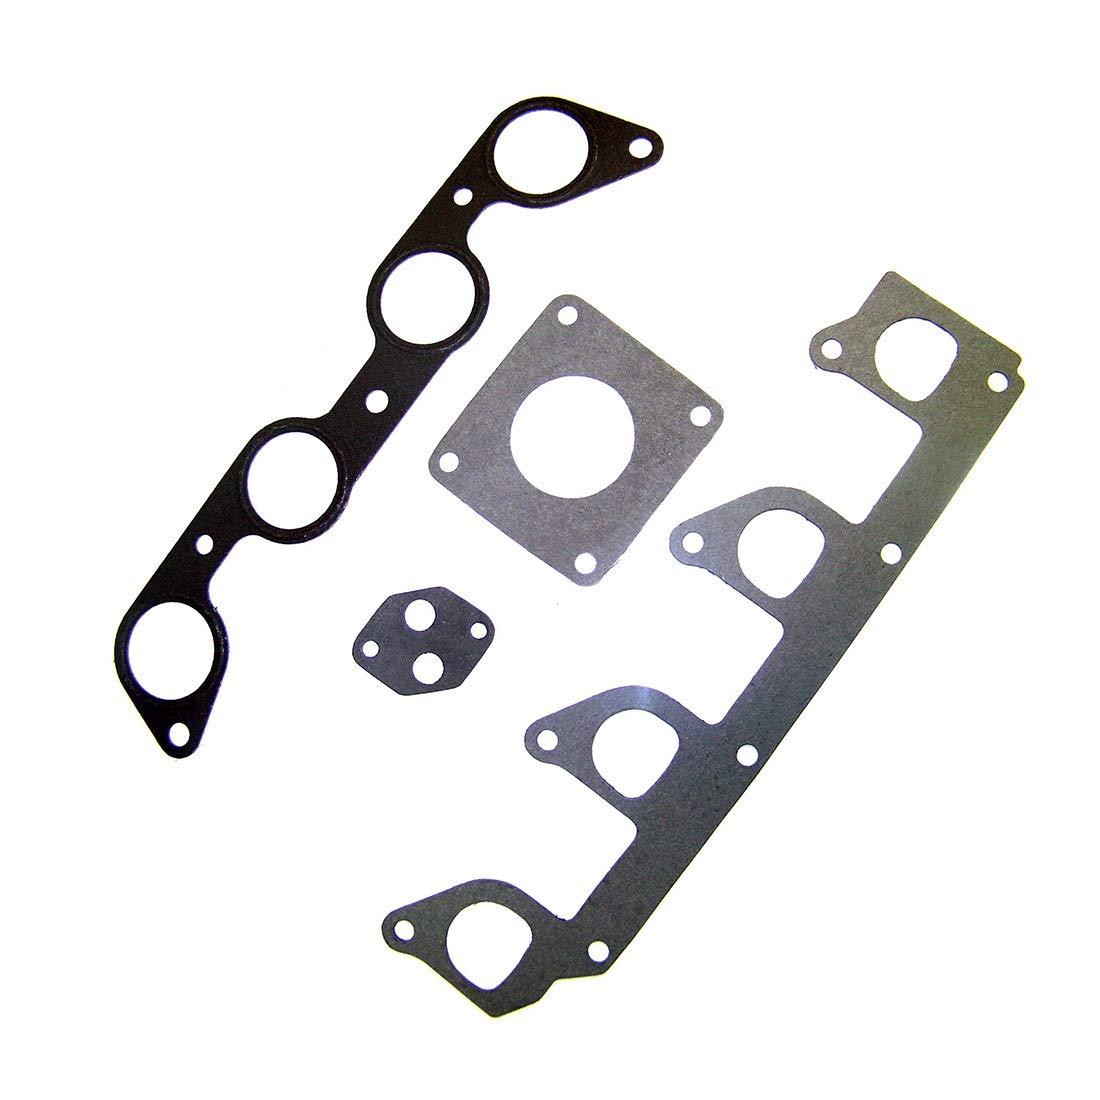 DNJ IG448 Intake Gasket for 1995-2001 // Ford 2.5L // SOHC // L4 // 8V // 140cid 2295cc Mazda // B2300 153cid Ranger // 2.3L B2500 2492cc